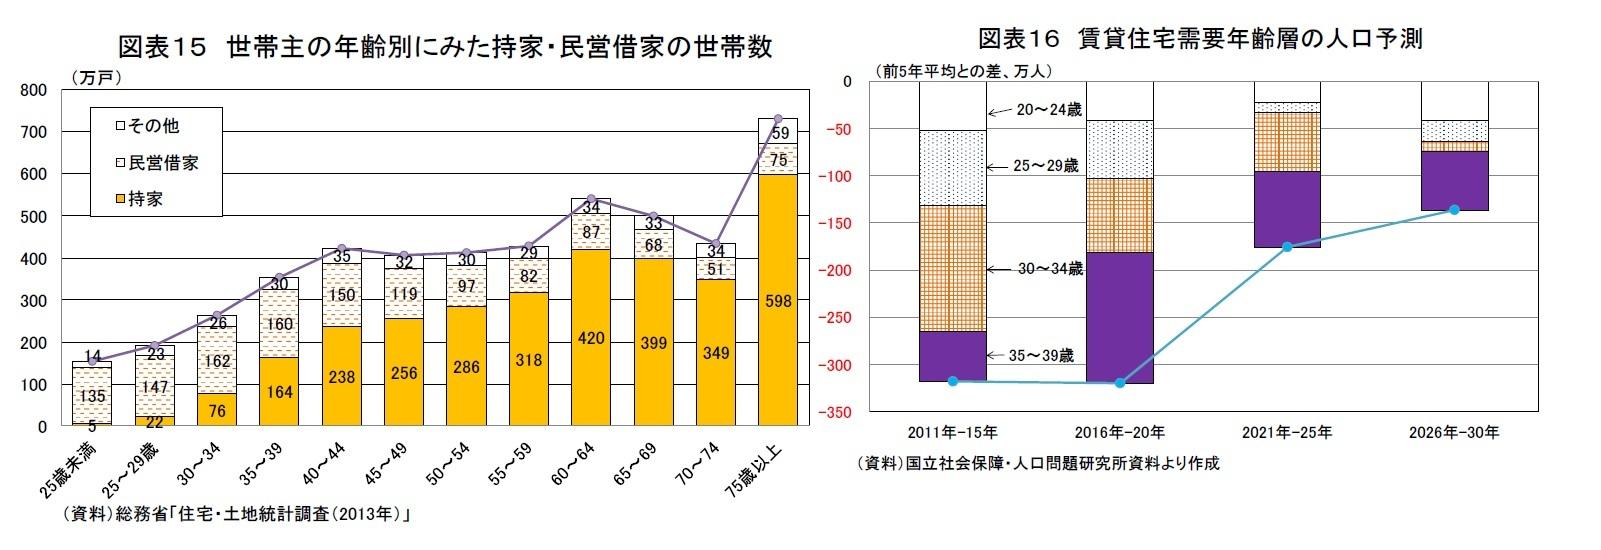 図表15 世帯主の年齢別にみた持家・民営借家の世帯数/図表16 賃貸住宅需要年齢層の人口予測